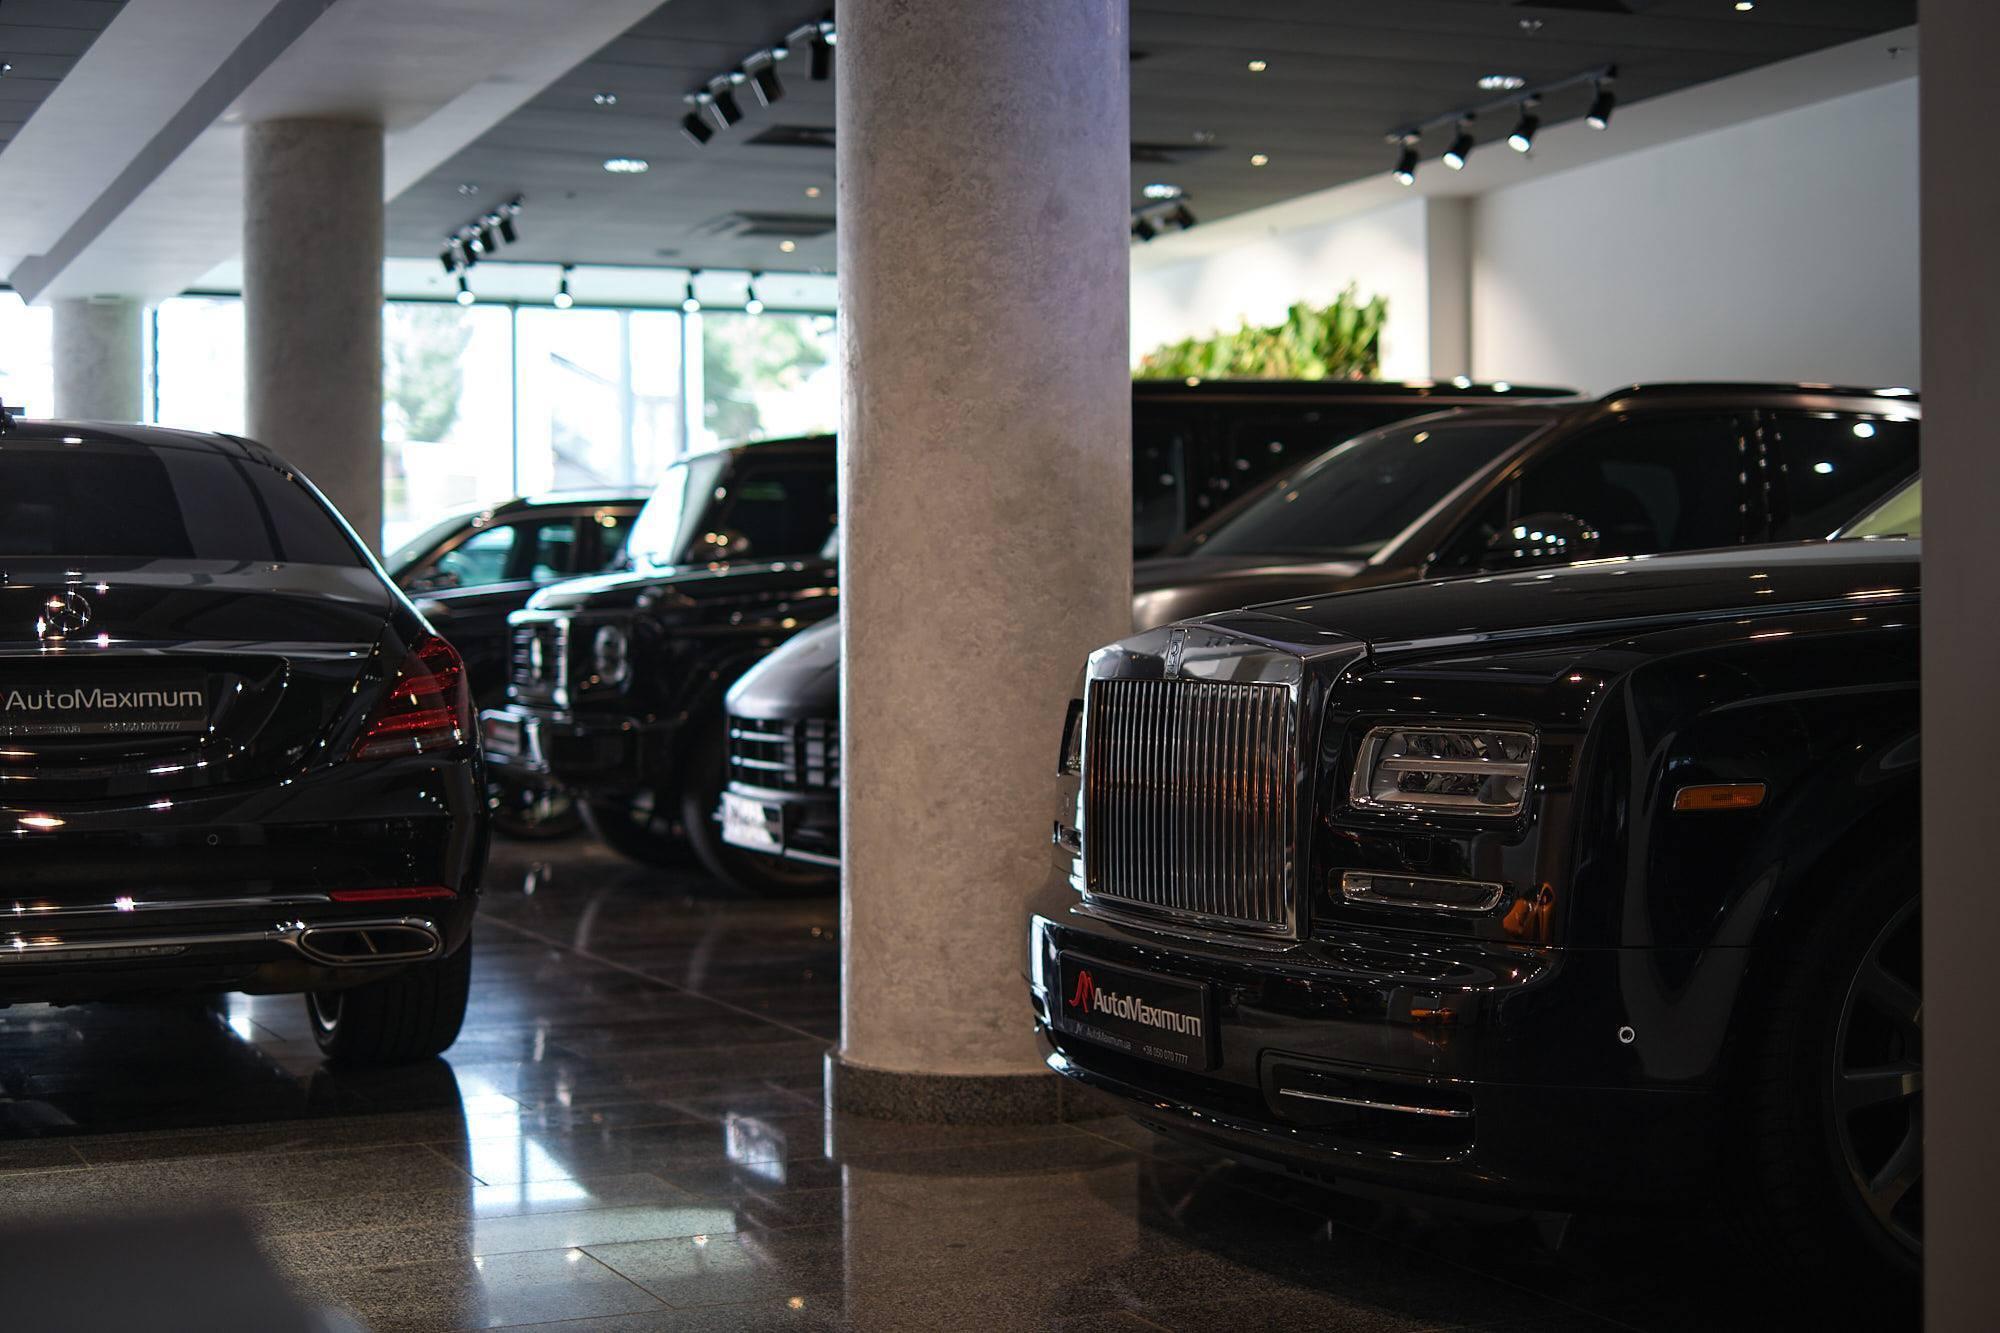 В Украине открывается мультибрендовый автосалон с самыми дорогими авто в мире и множеством сопутствующих услуг.